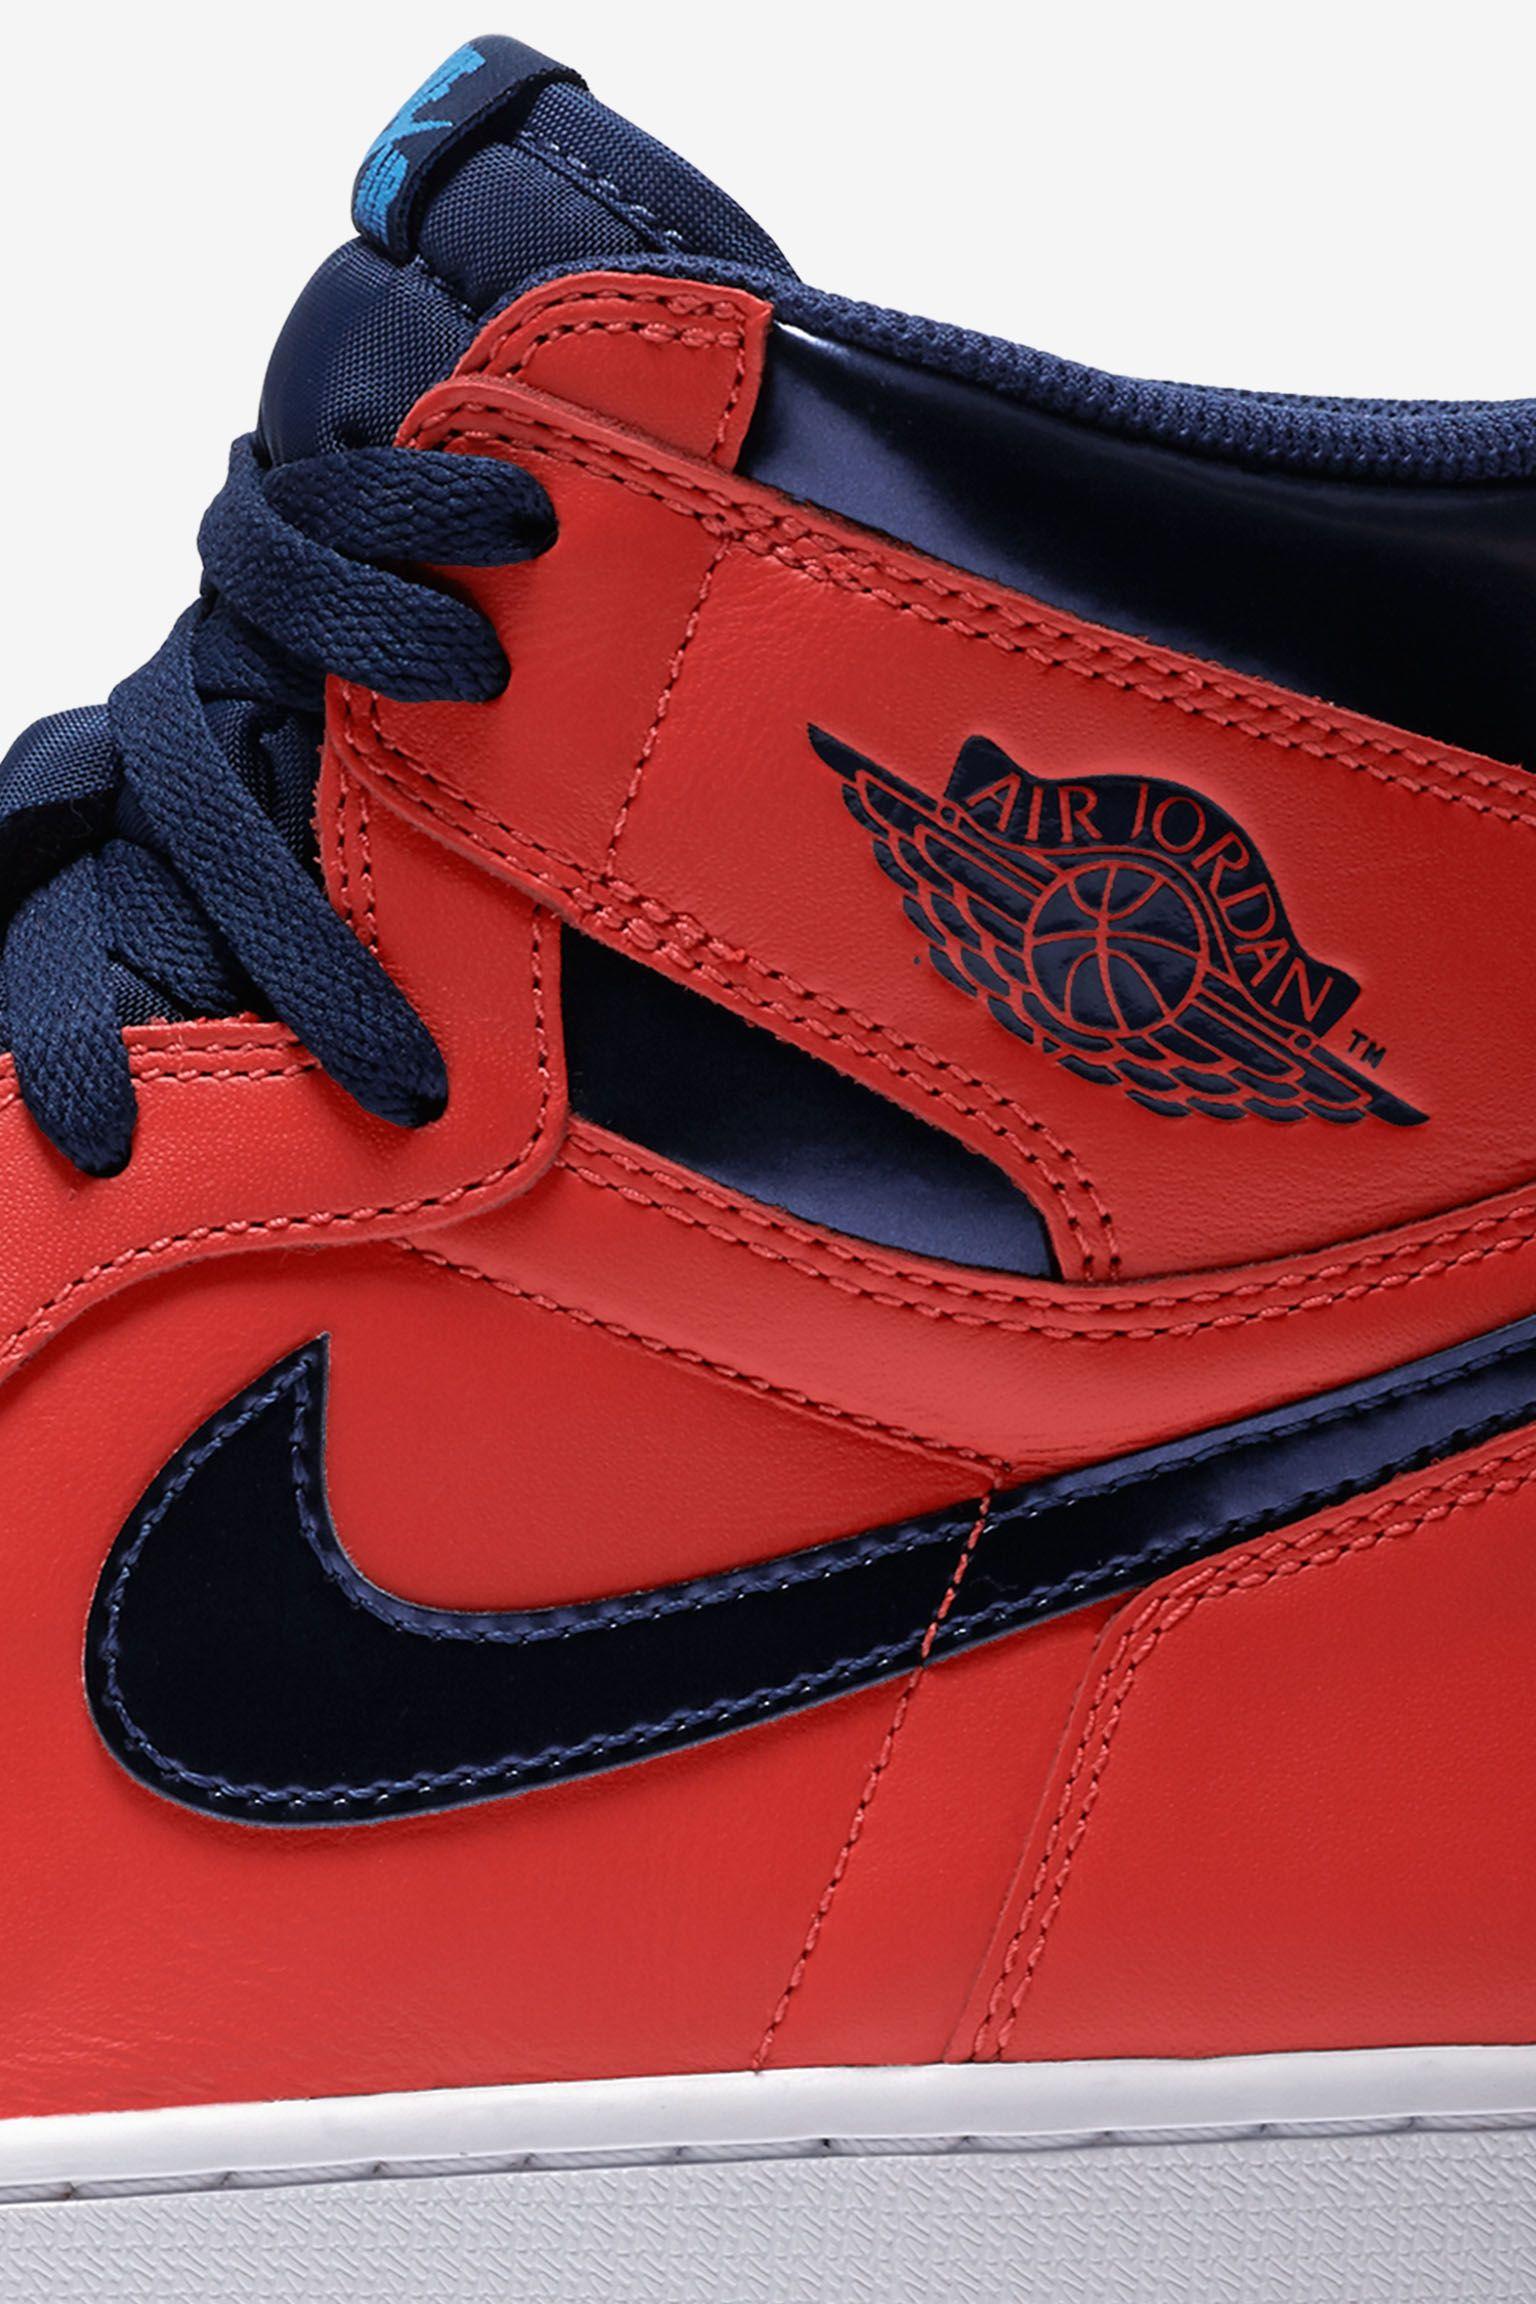 Air Jordan 1 Retro 'On Air' Release Date